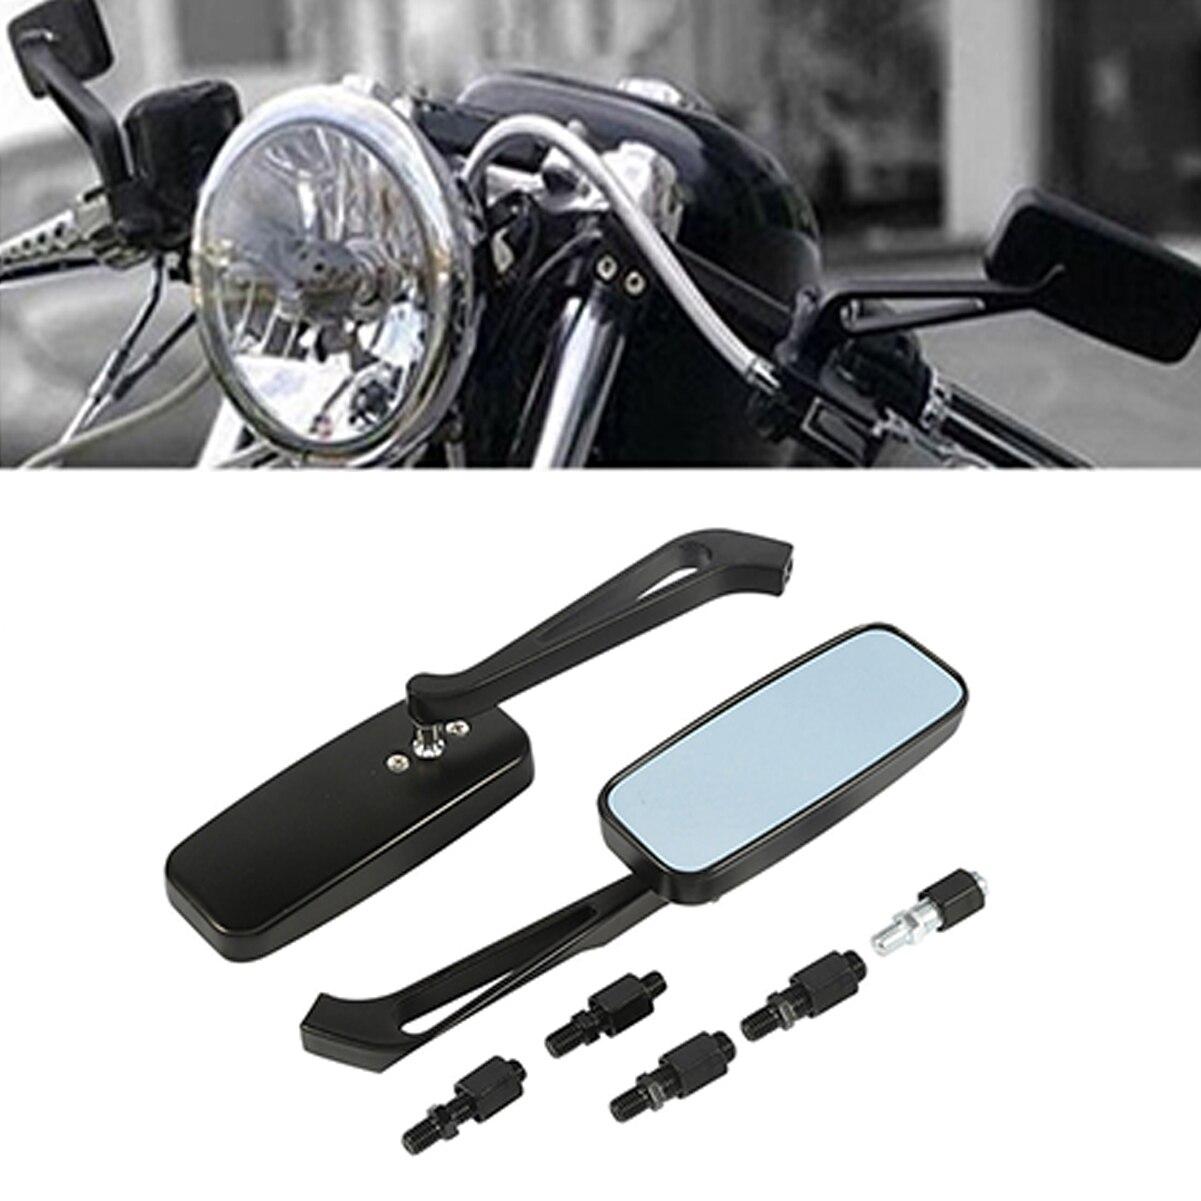 New Motorcycle Bike Rearview Side Mirrors 8mm//10mm For Honda Suzuki Yamaha Honda